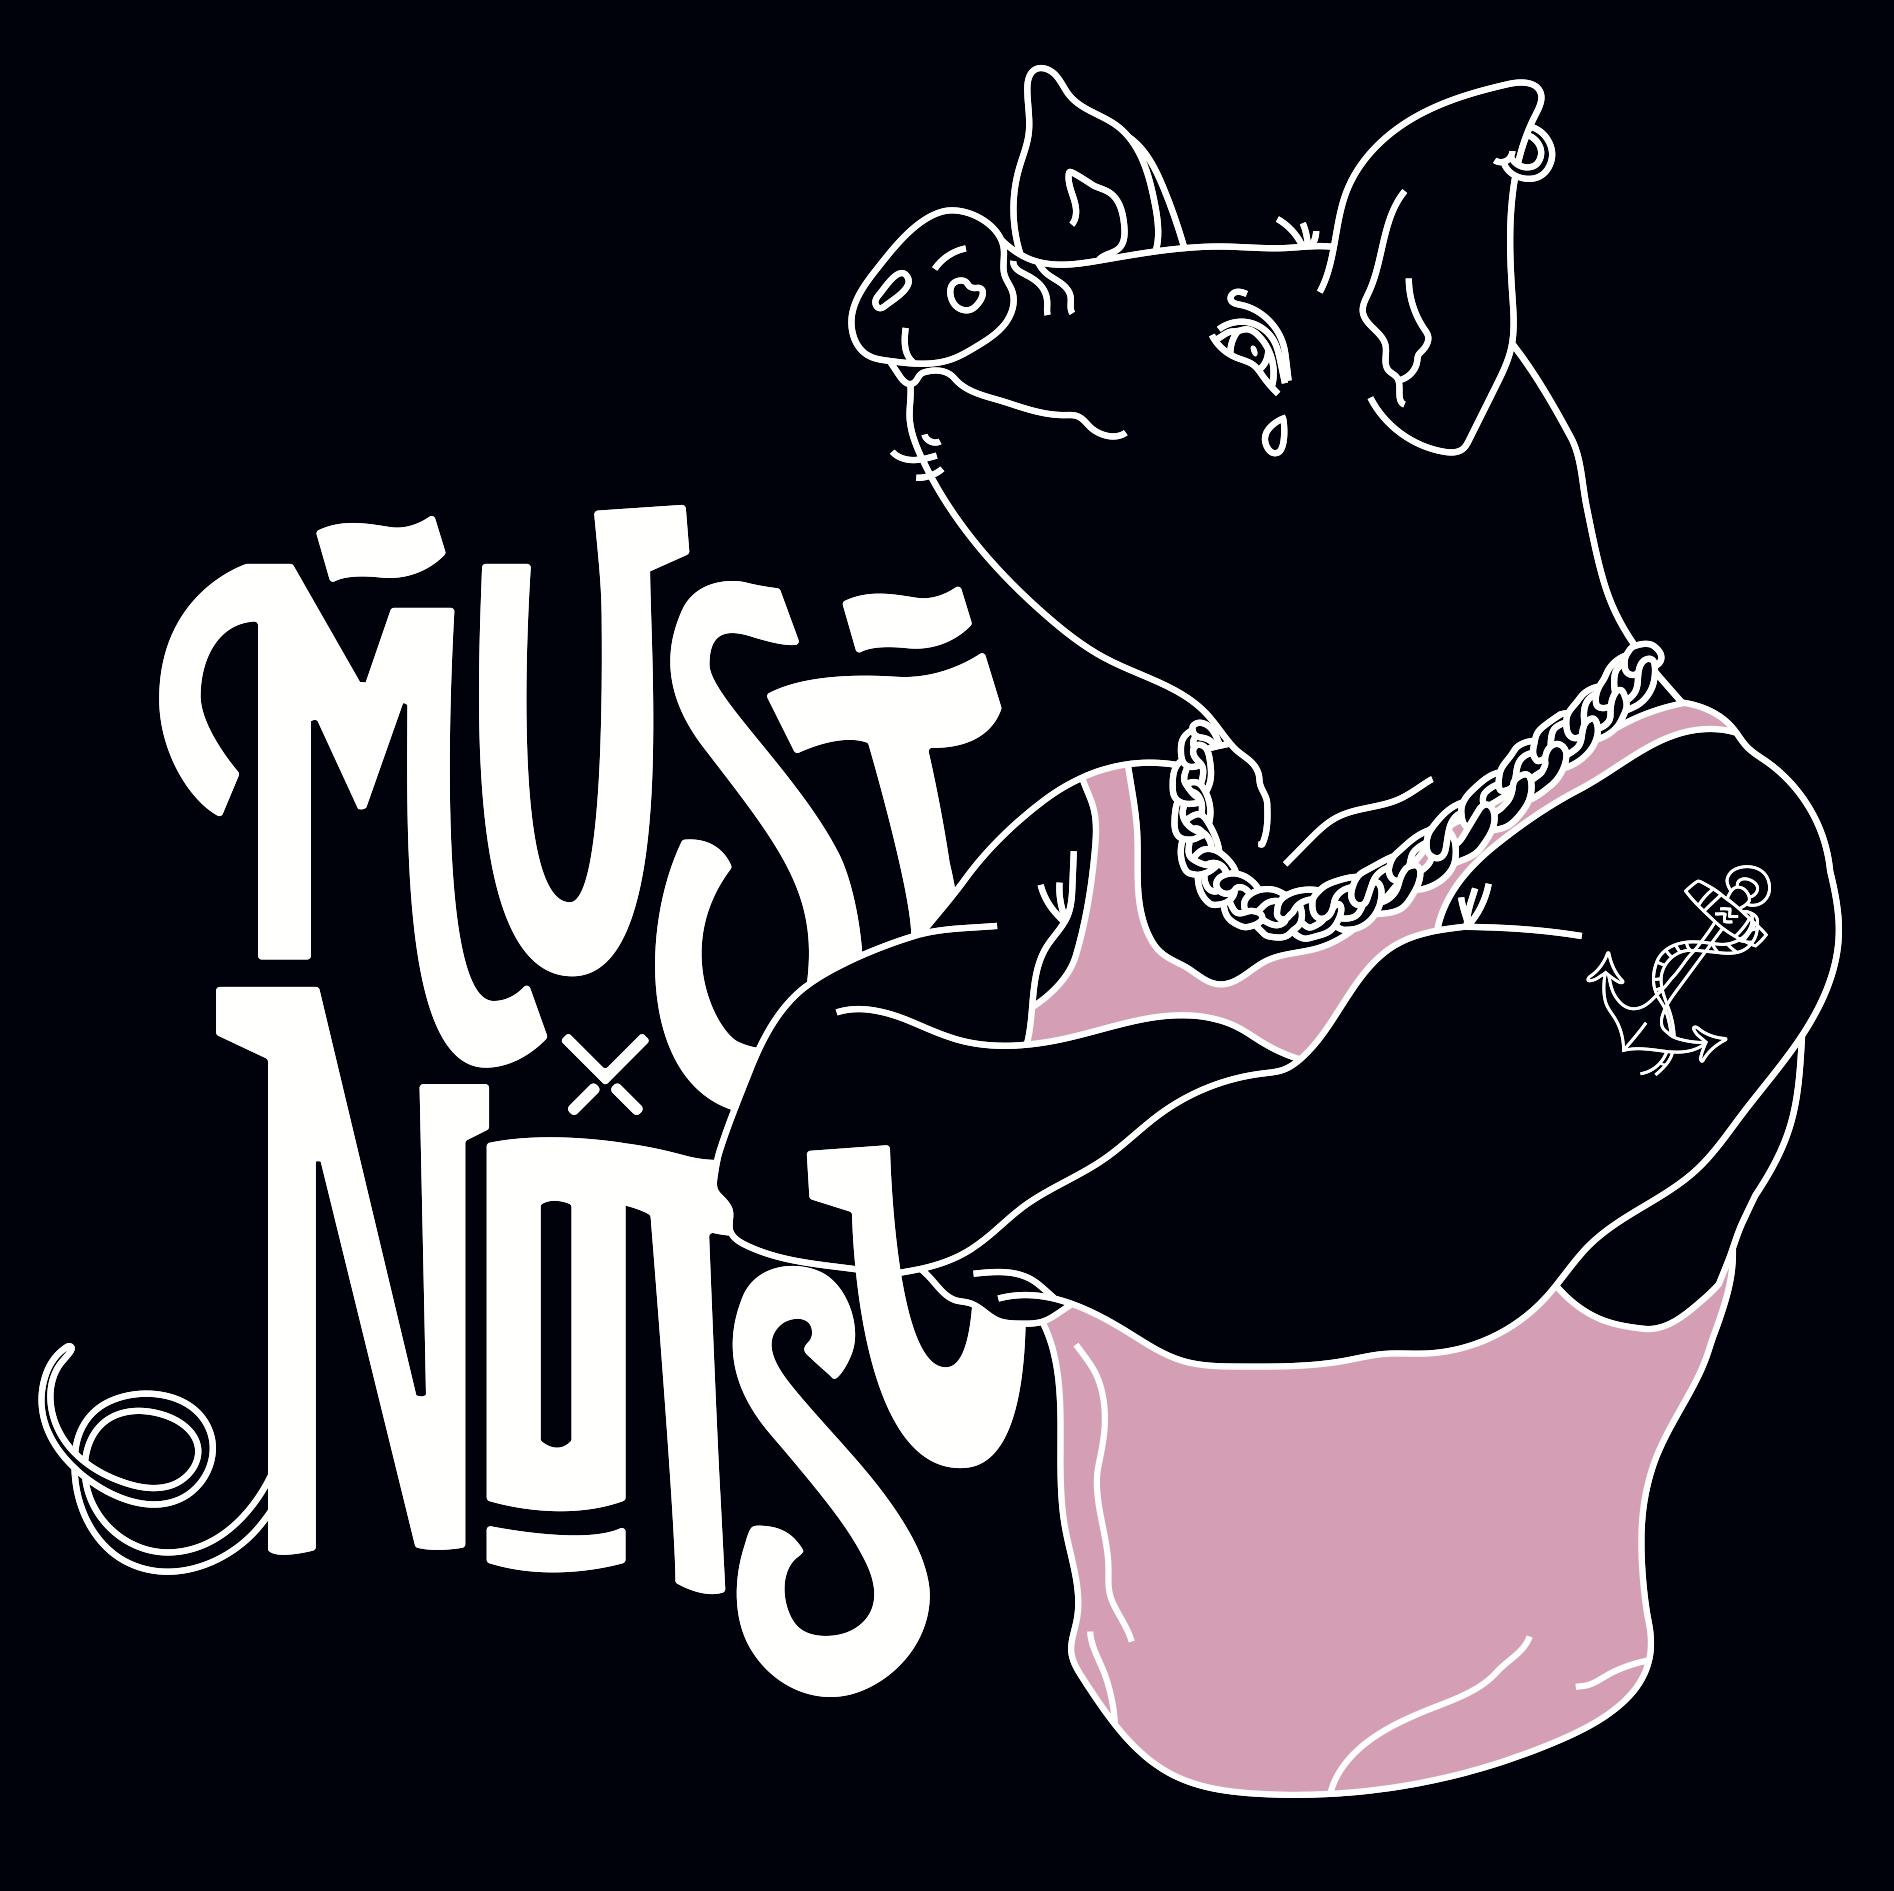 https://veskibeer.ee/wp-content/uploads/2020/09/Notsu_ruut.png